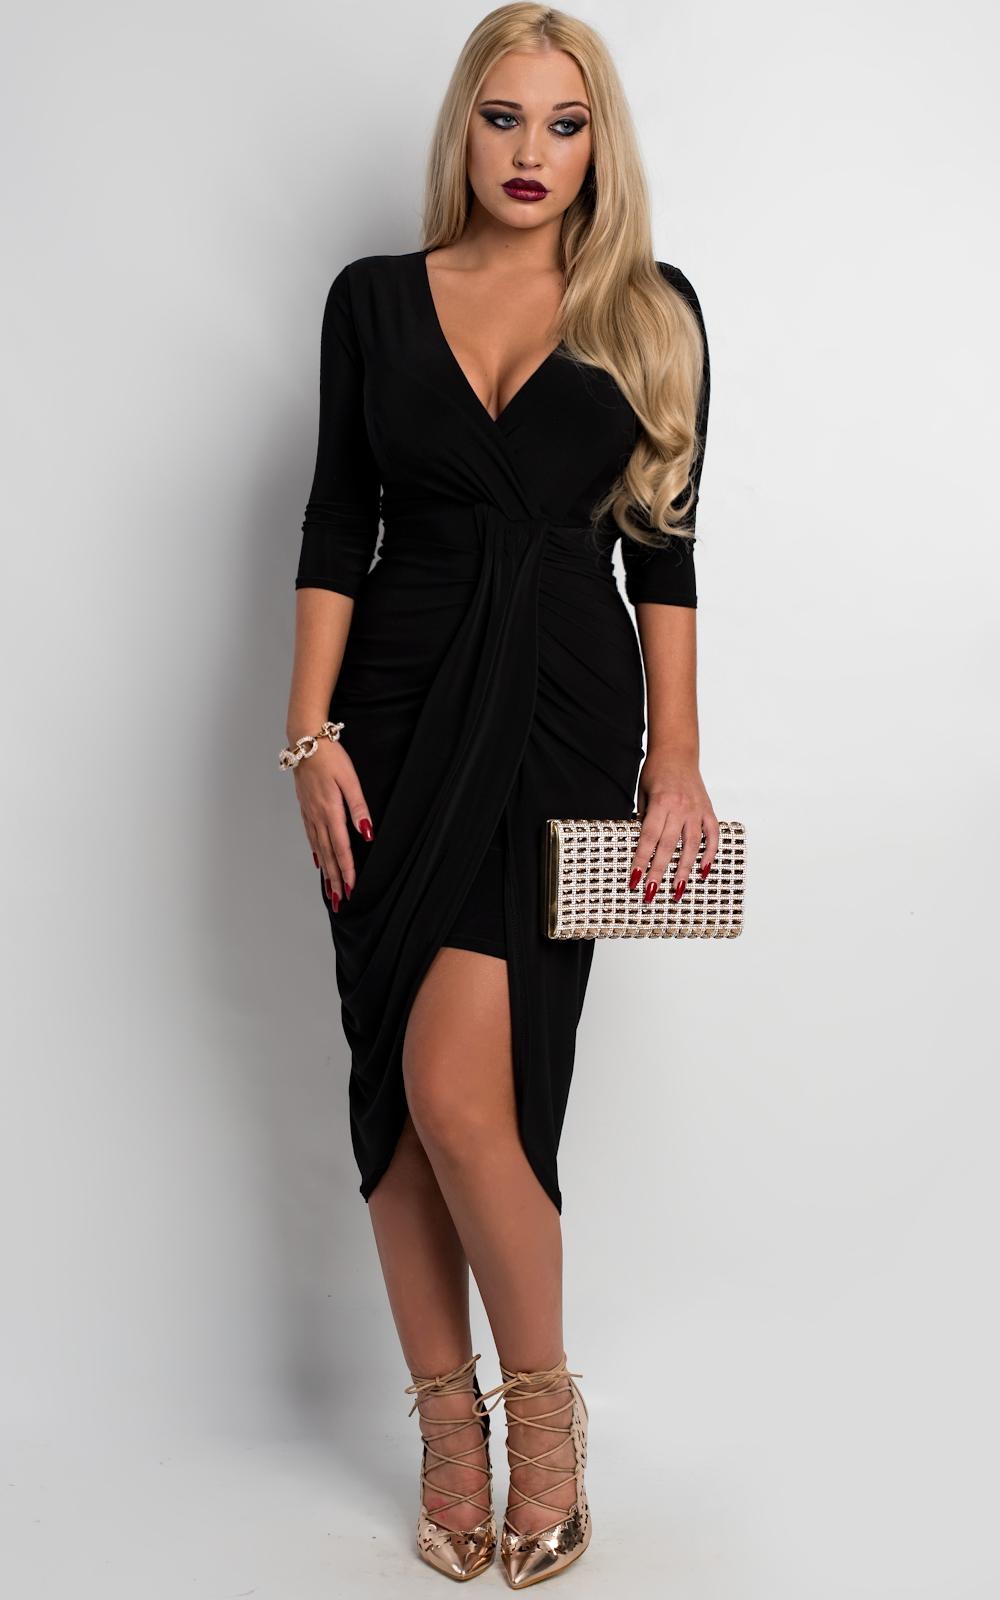 Bra for Plunging Neckline Dress | Deep Neckline Dress | Plunging Neckline Dress